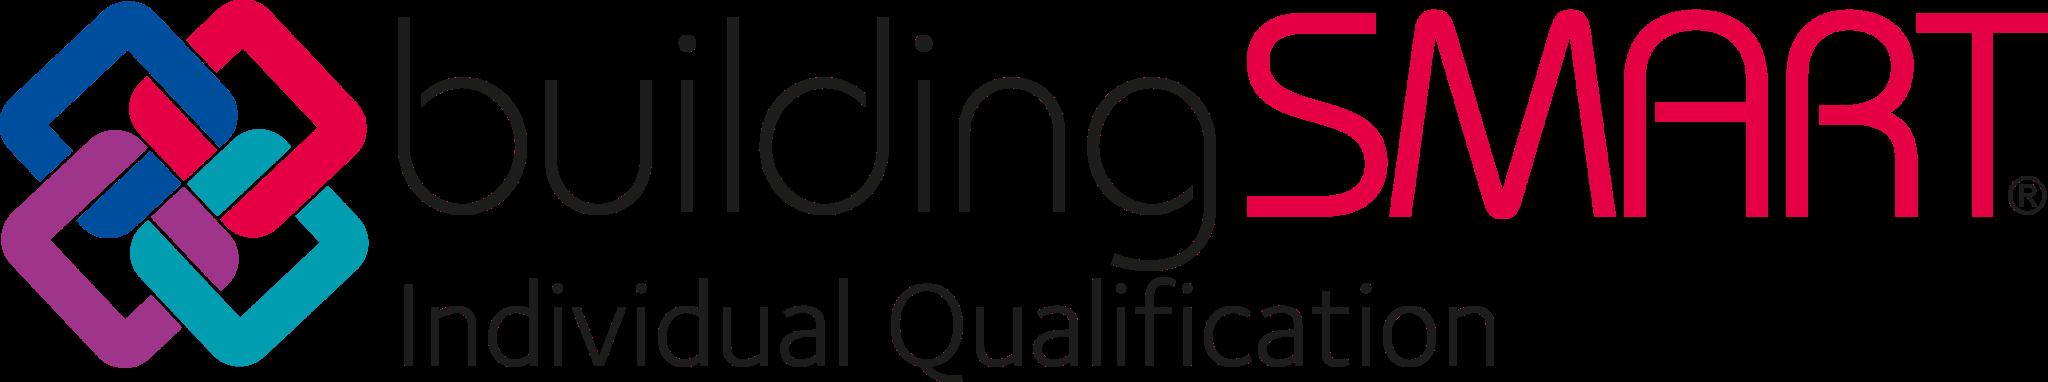 BuildingSMART_RGB_-Individual_Qualification_colour.png